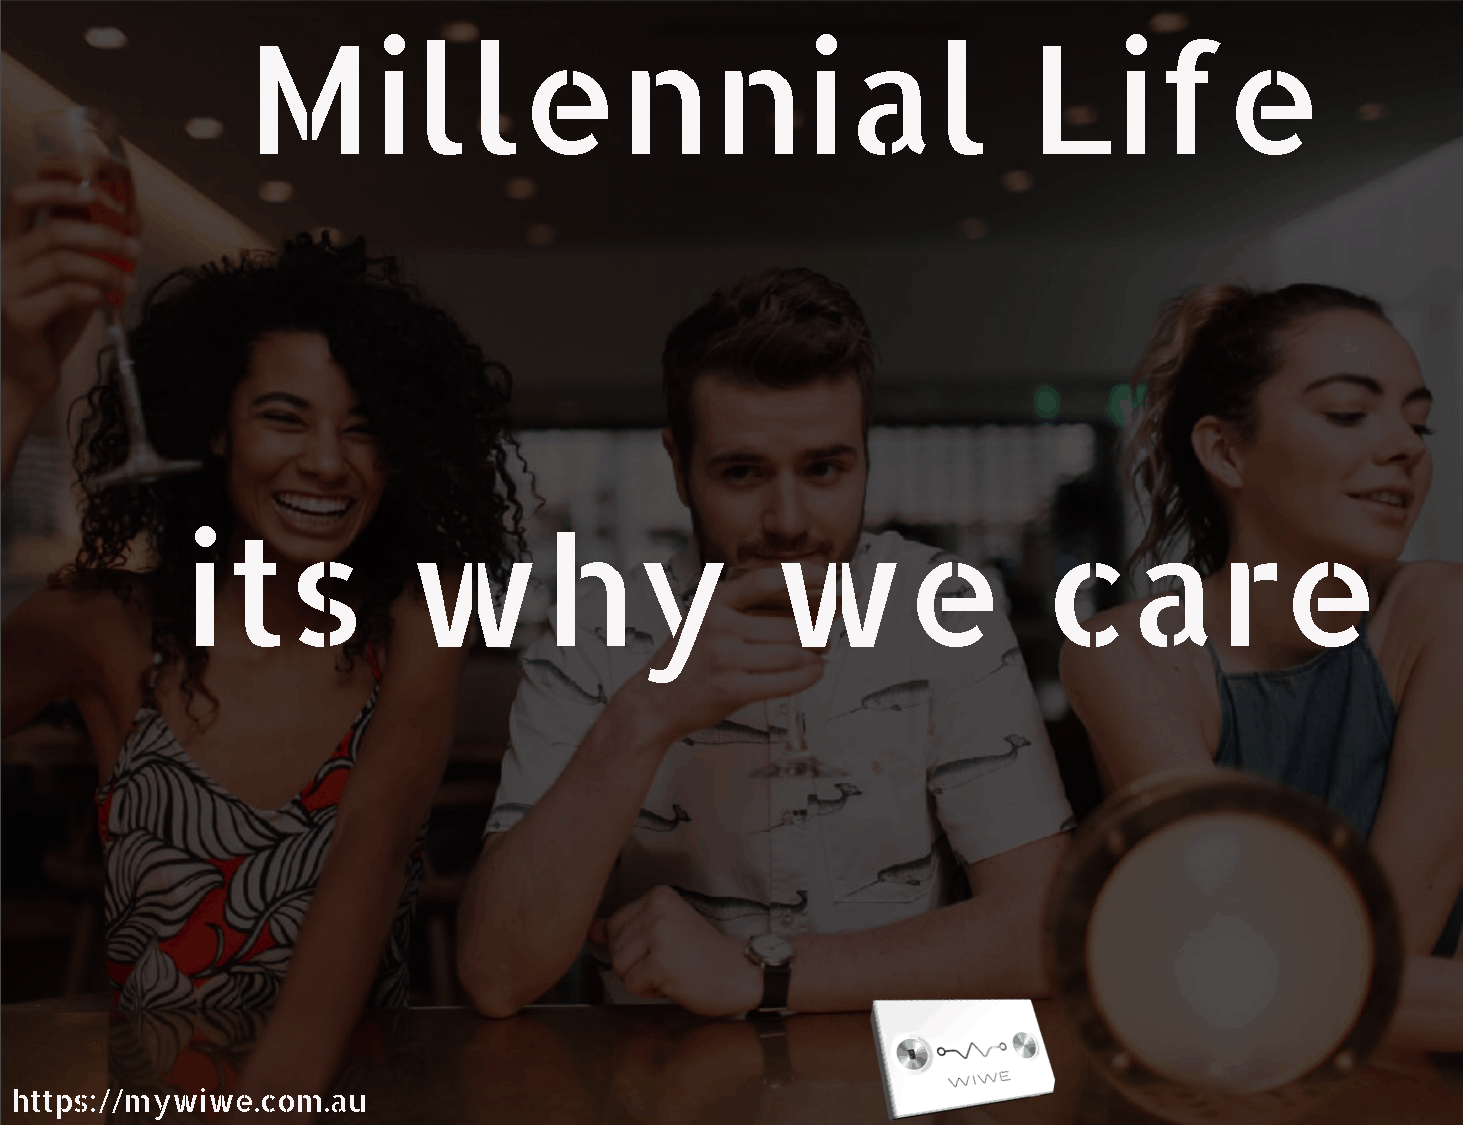 Millennials Sensational Life 24/7